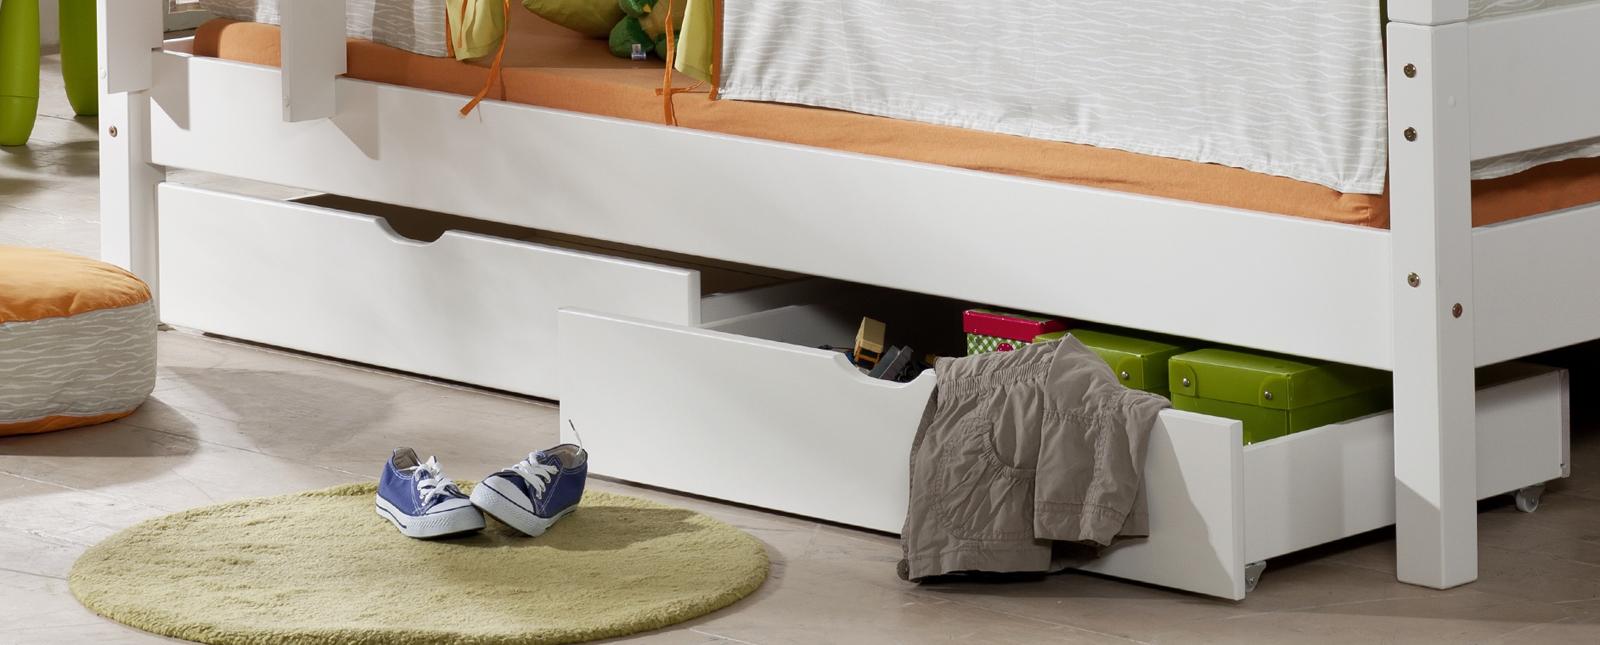 sam 2er set schubk sten f r hochbetten in natur wei buche. Black Bedroom Furniture Sets. Home Design Ideas